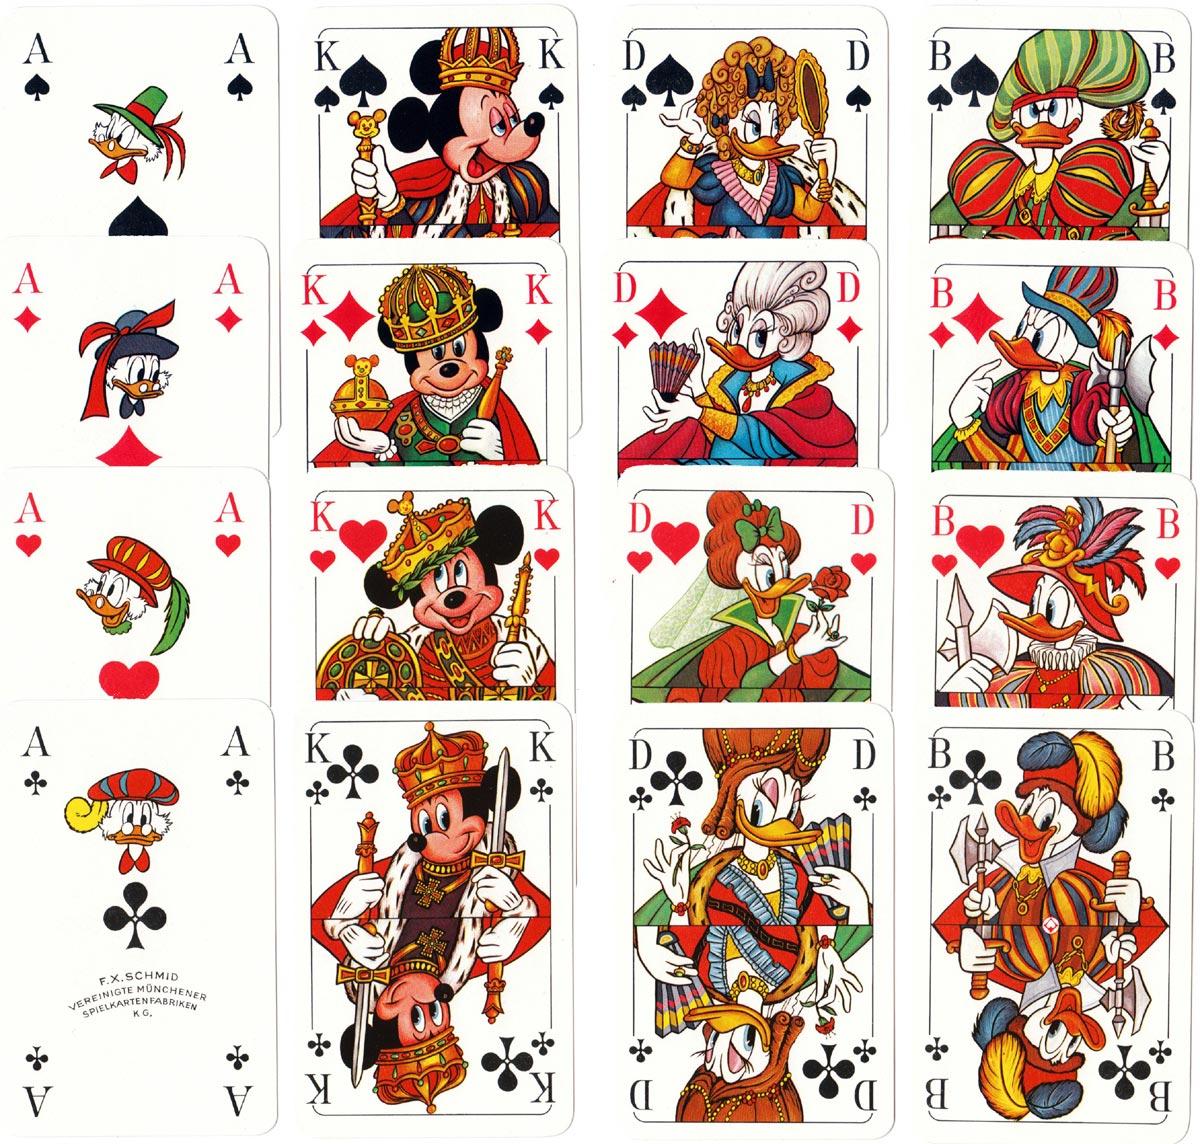 """""""Micky Mau~Mau"""" by F. X. Schmid Vereinigte Münchener Spielkartenfabriken, 1978"""